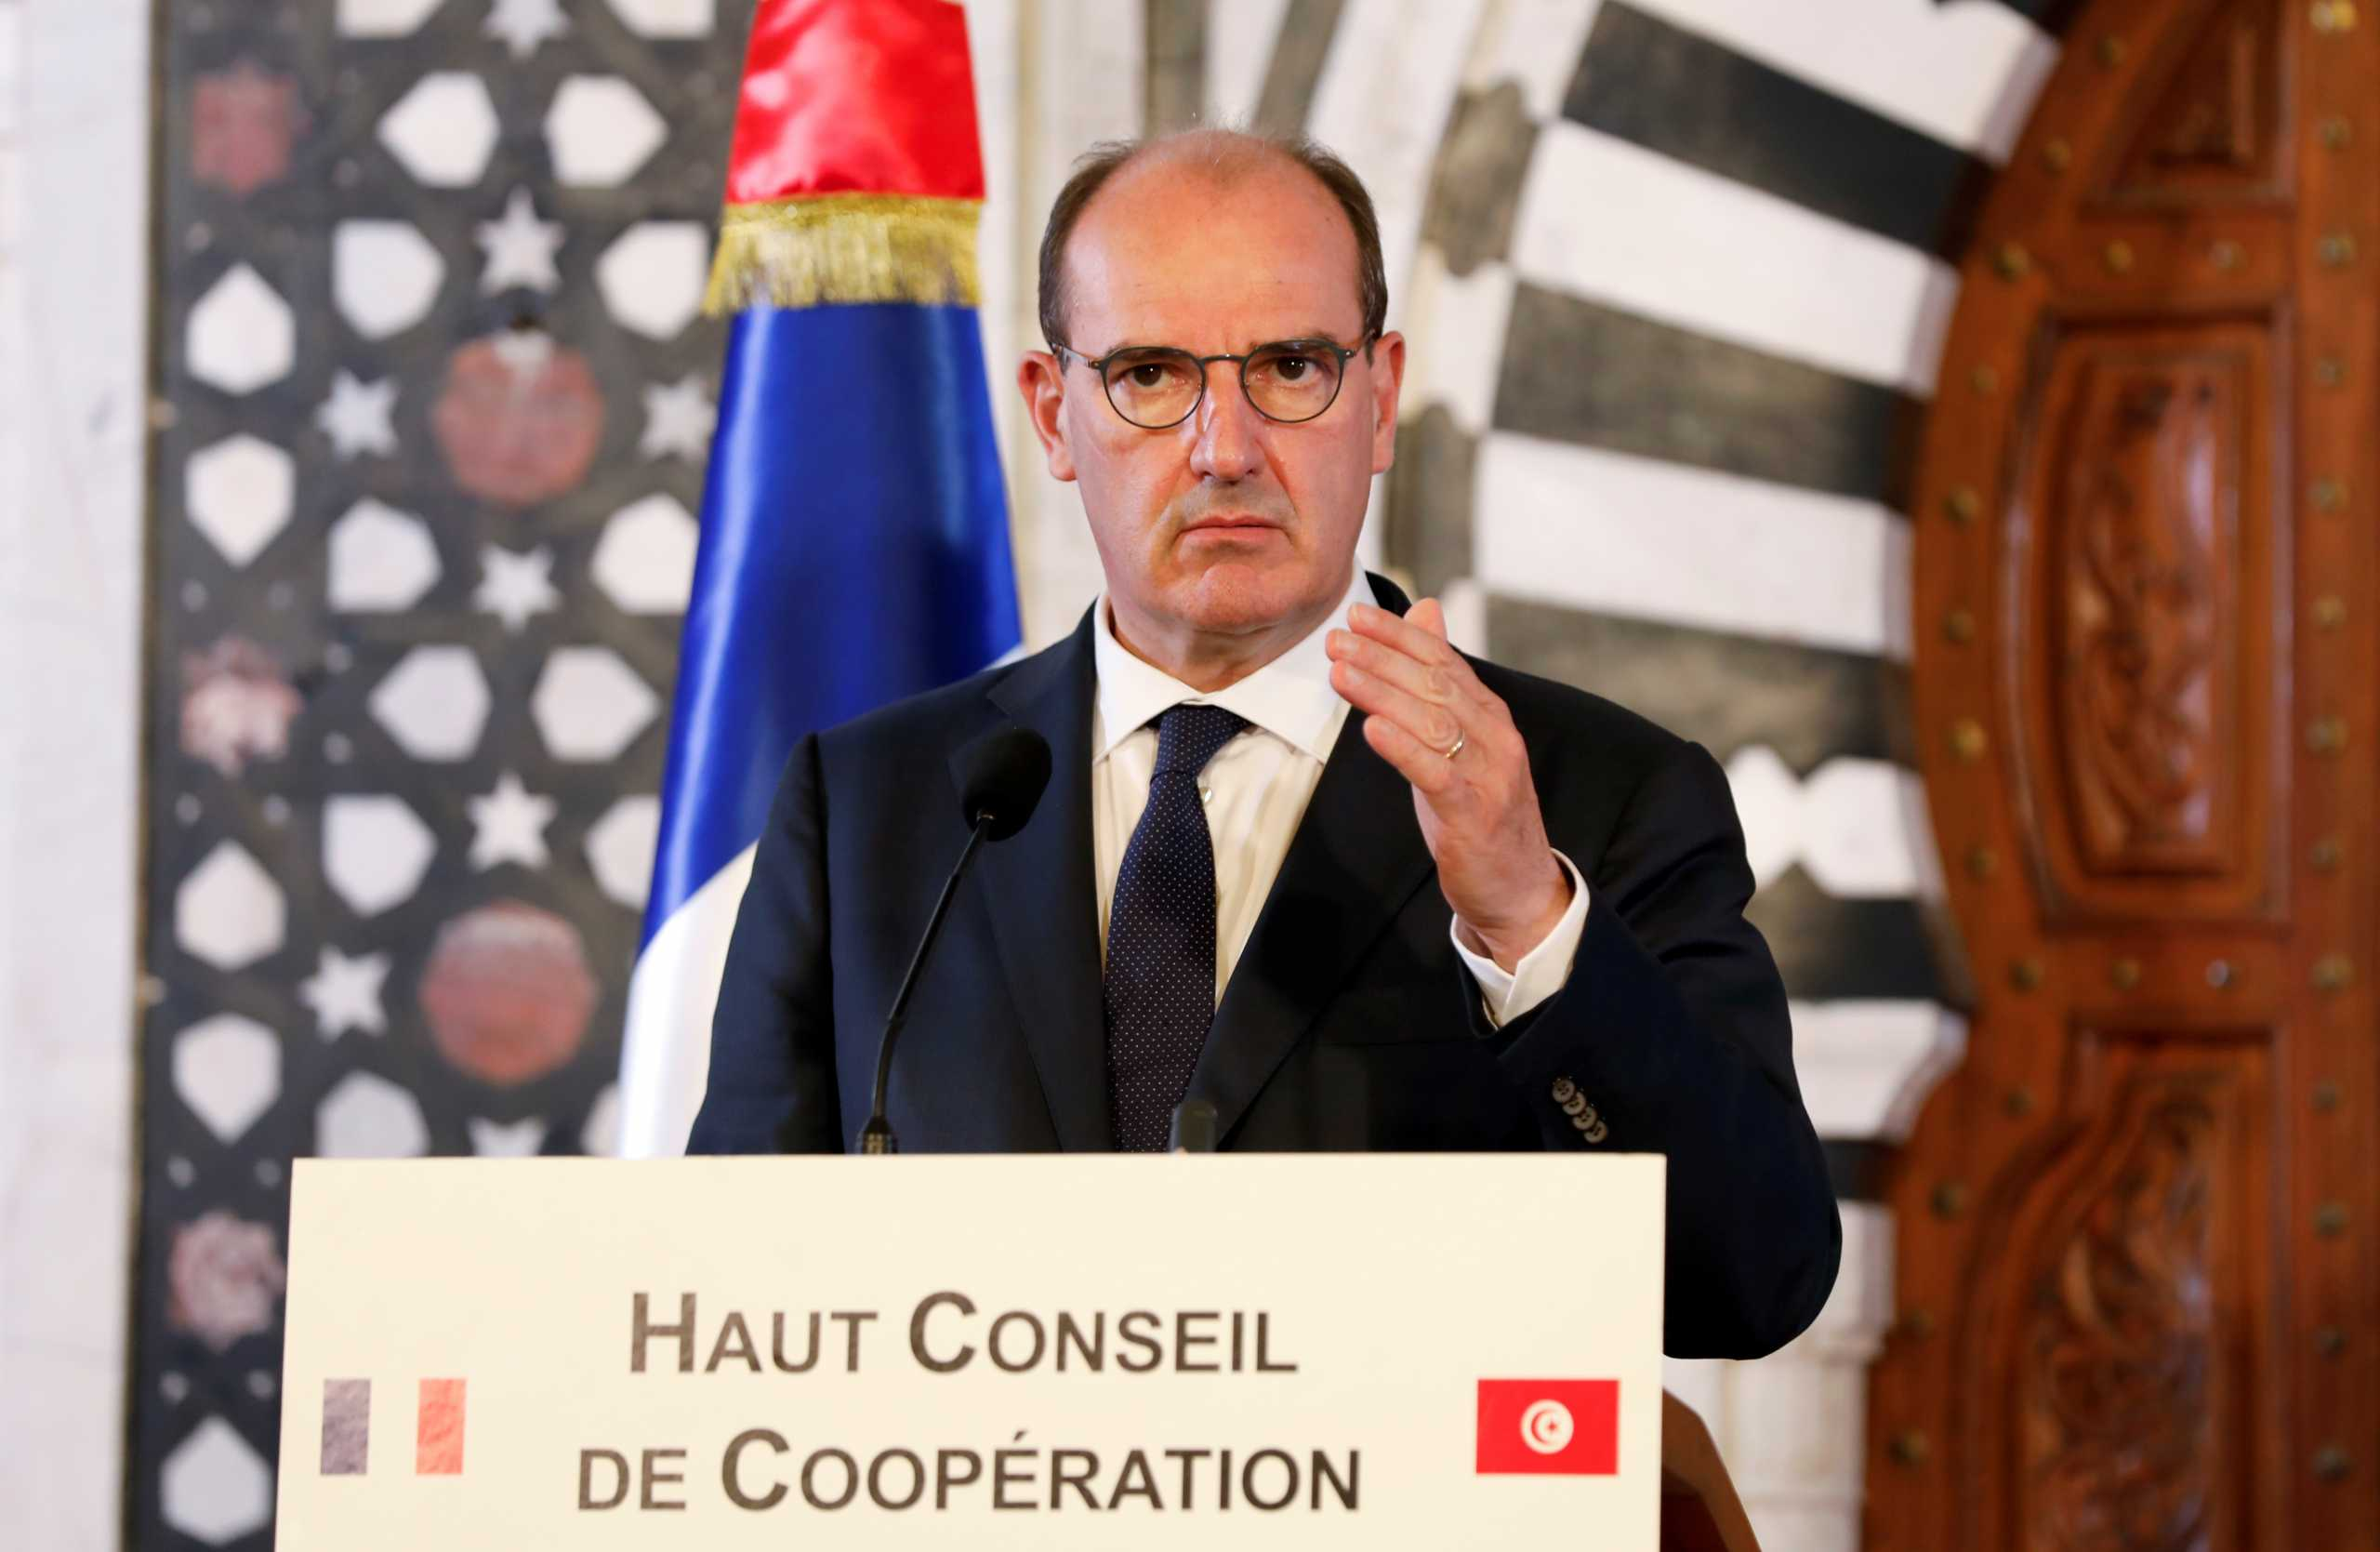 Γαλλία: Τρίτη φορά σε καραντίνα ο πρωθυπουργός – Με κορονοϊό η γυναίκα του